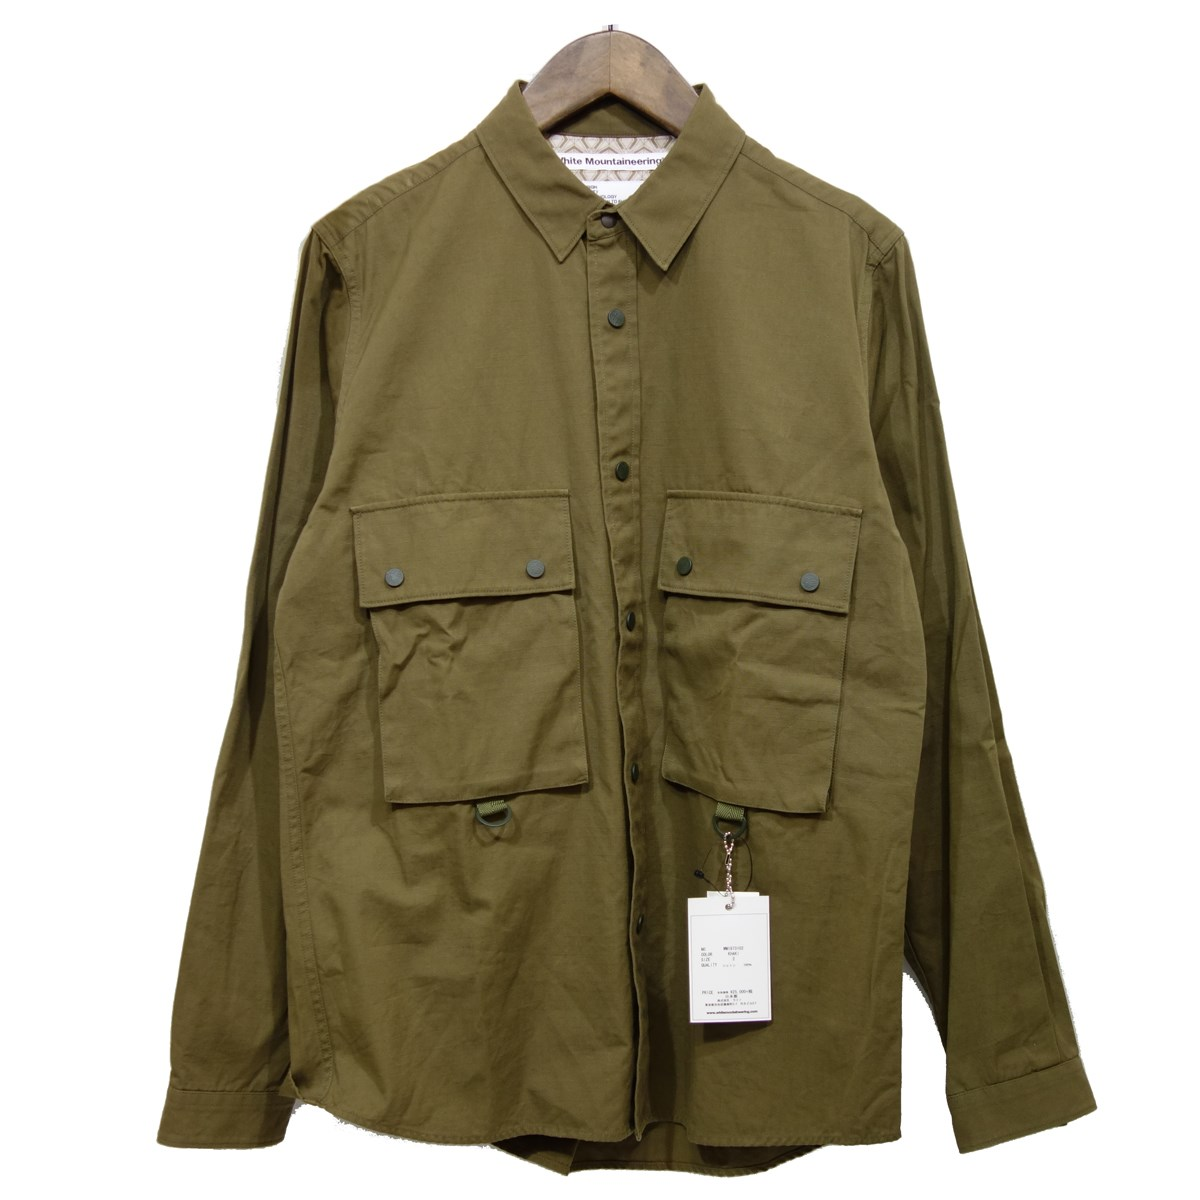 【中古】White Mountaineering 【2019A/W】Big Pocket Shirt ジャケット オリーブ サイズ:2 【040420】(ホワイトマウンテニアリング)